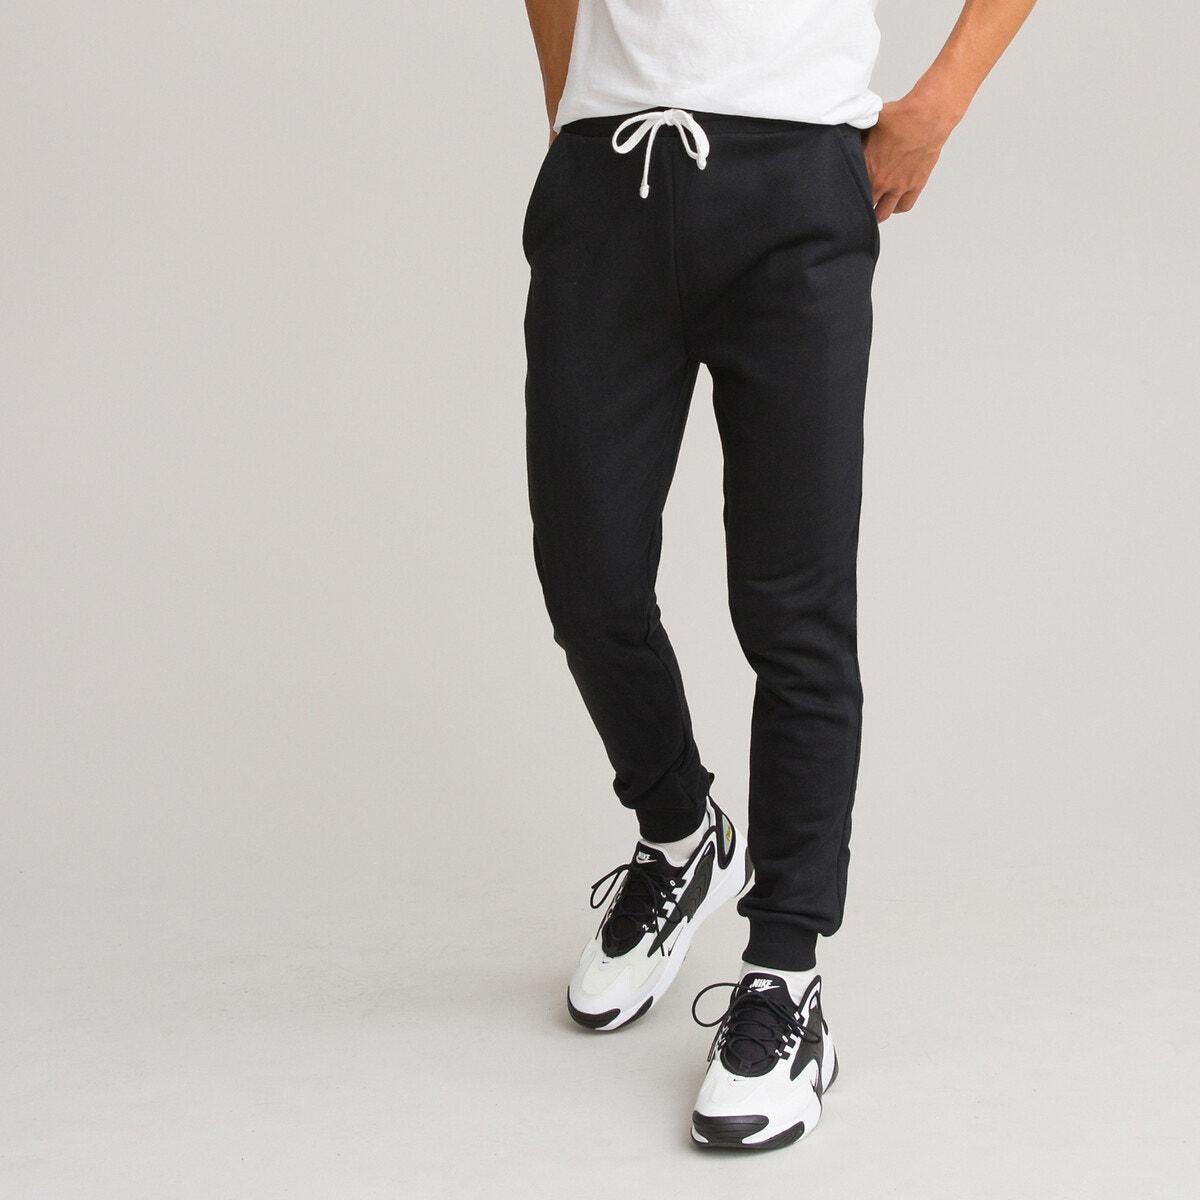 Παντελόνι φόρμας από φανέλα, 10-18 ετών